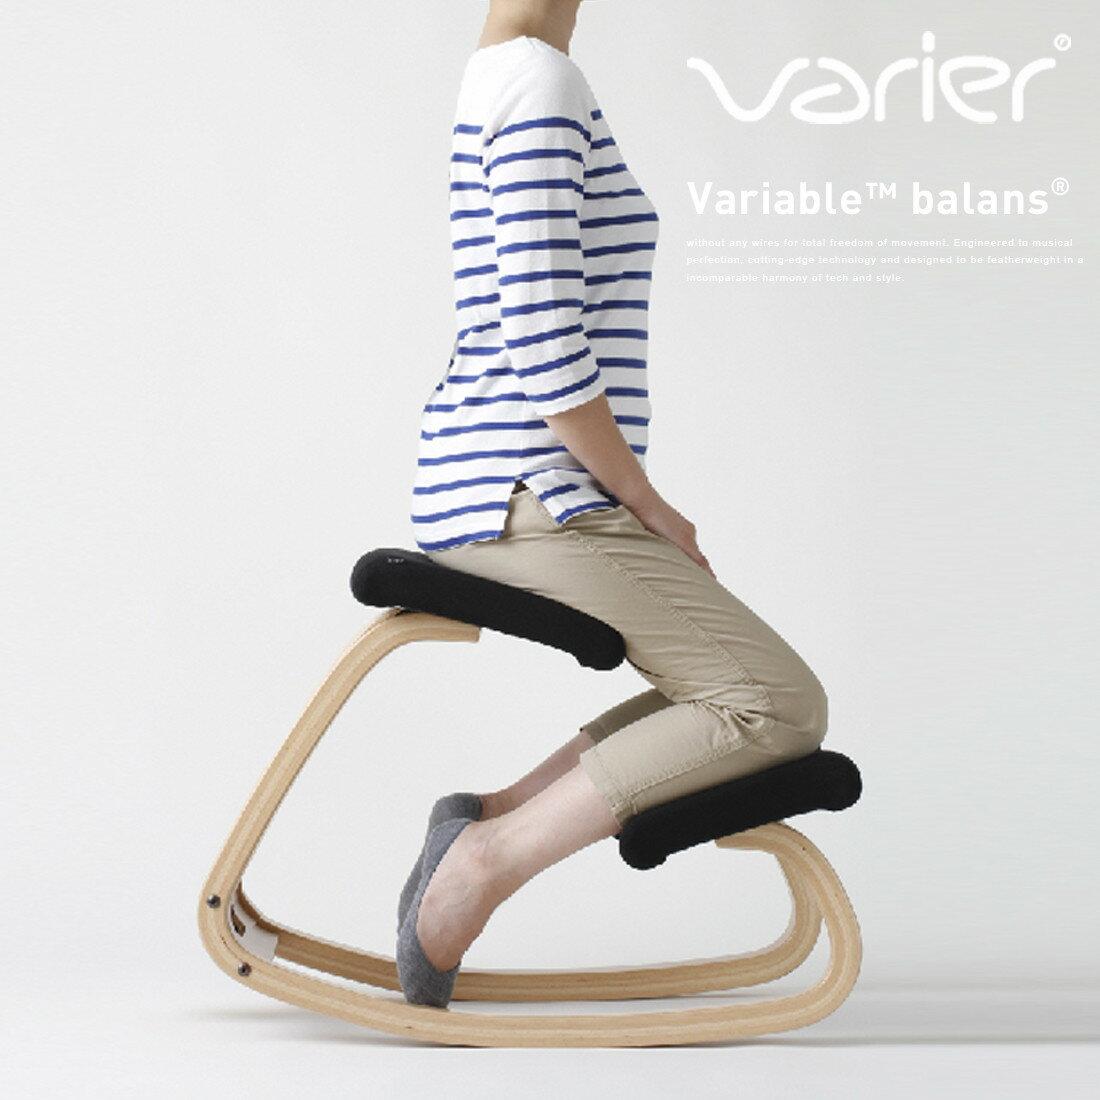 店舗クーポン発行中!Varier ヴァリエール Variable Balans バリアブルバランス バランスチェアイス 椅子 chair dining ダイニング living リビング